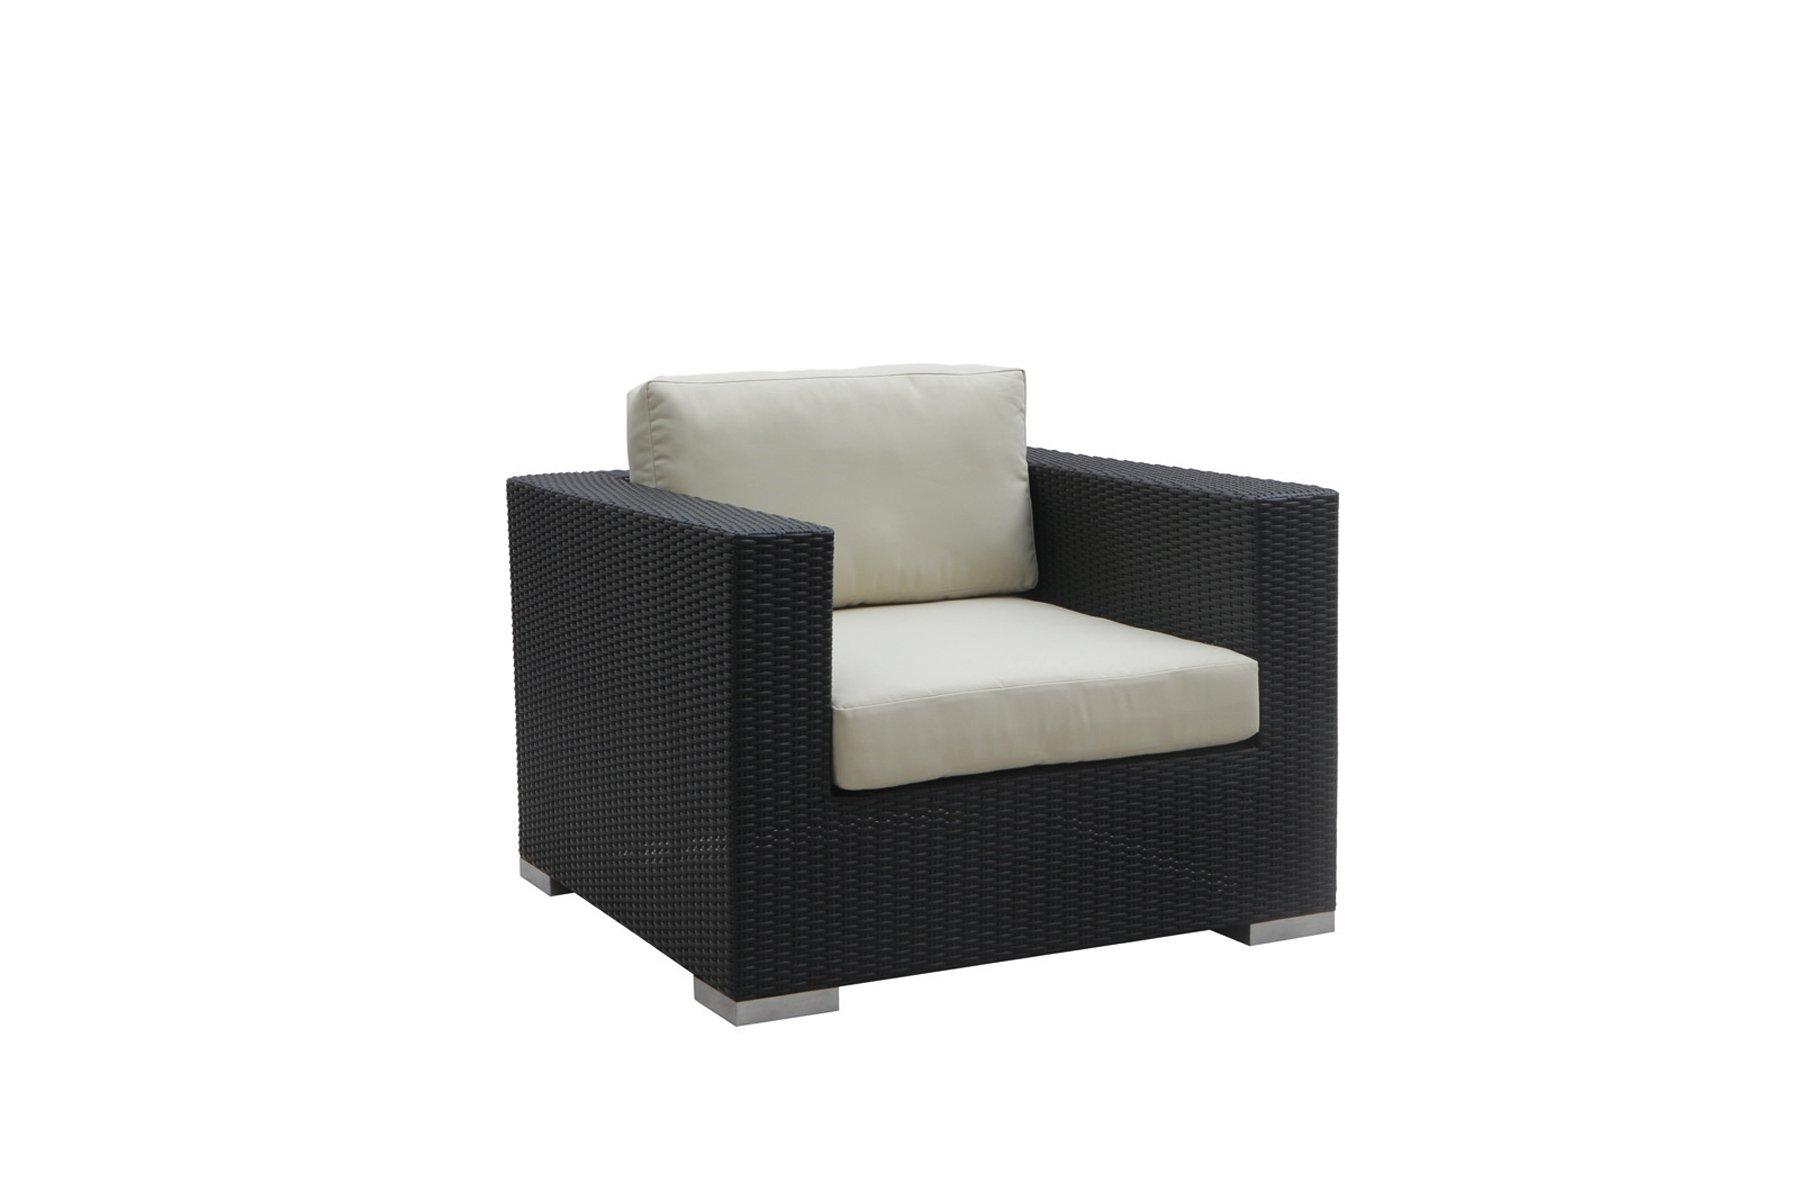 Amazing Lounge Chair Maui Il Giardino Di Legno Download Free Architecture Designs Scobabritishbridgeorg